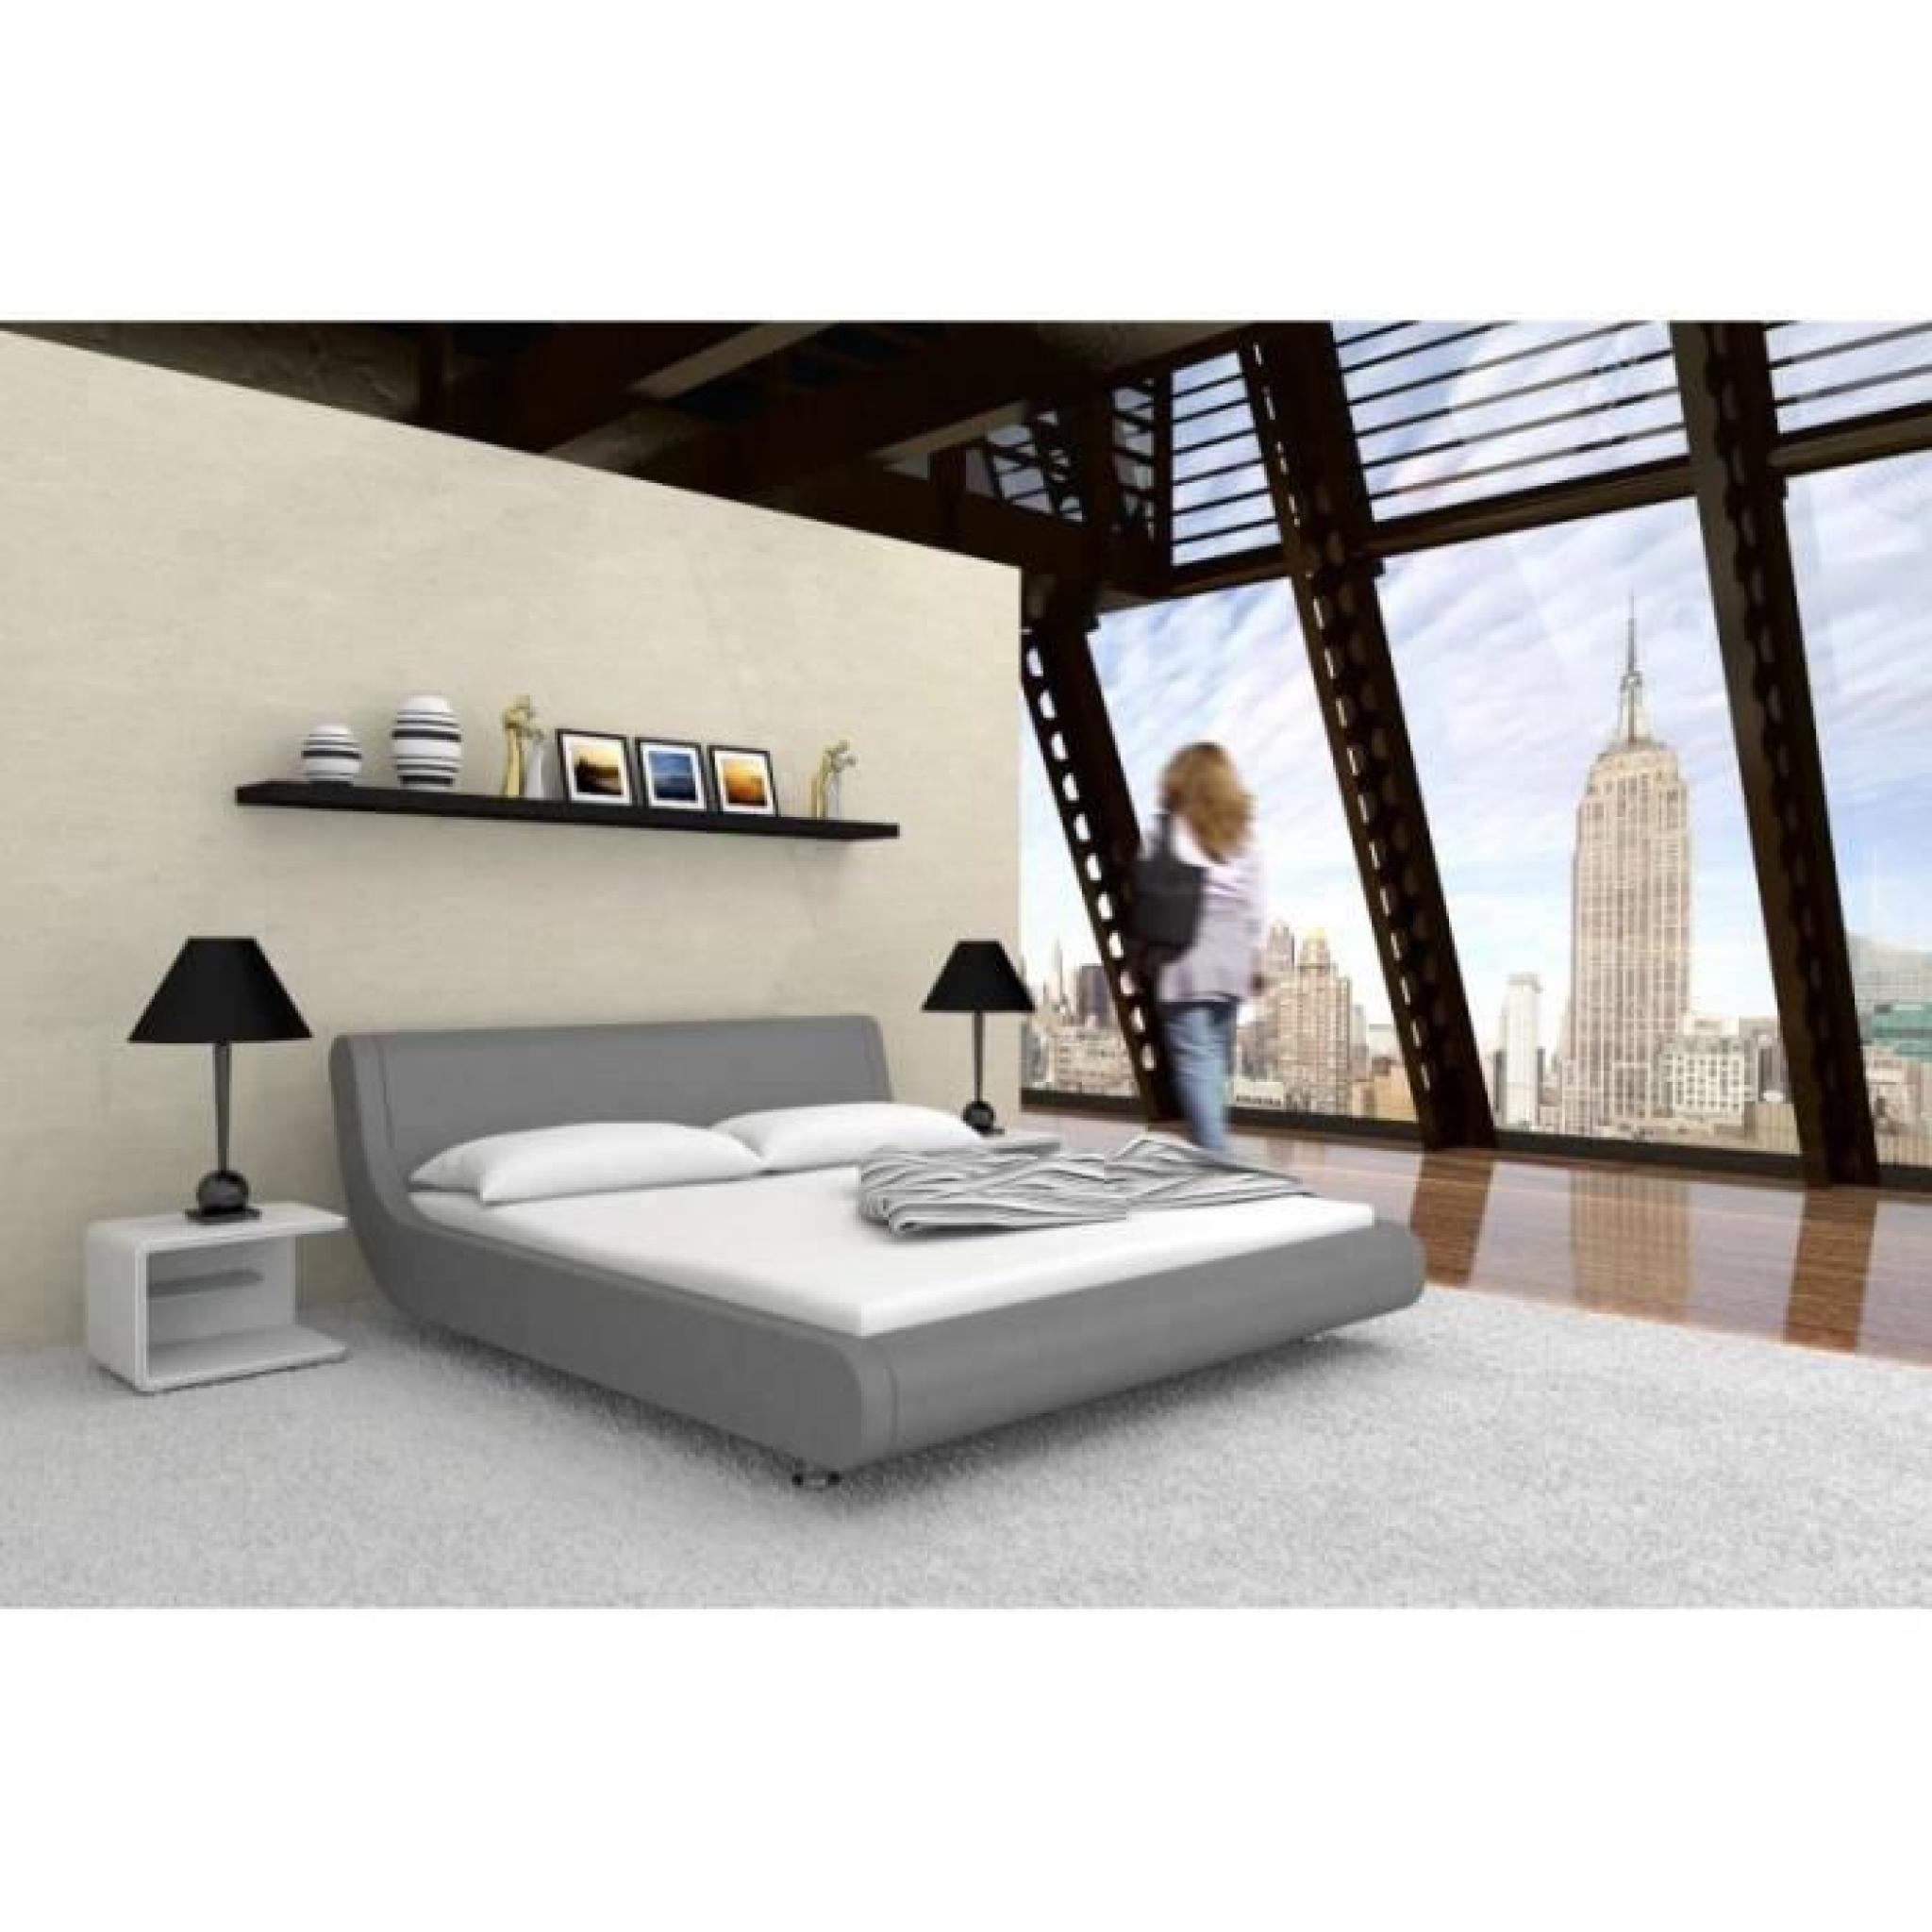 justhome mondo gris lit rembourr en cuir cologique taille 160 x 200 cm achat vente lit pas. Black Bedroom Furniture Sets. Home Design Ideas